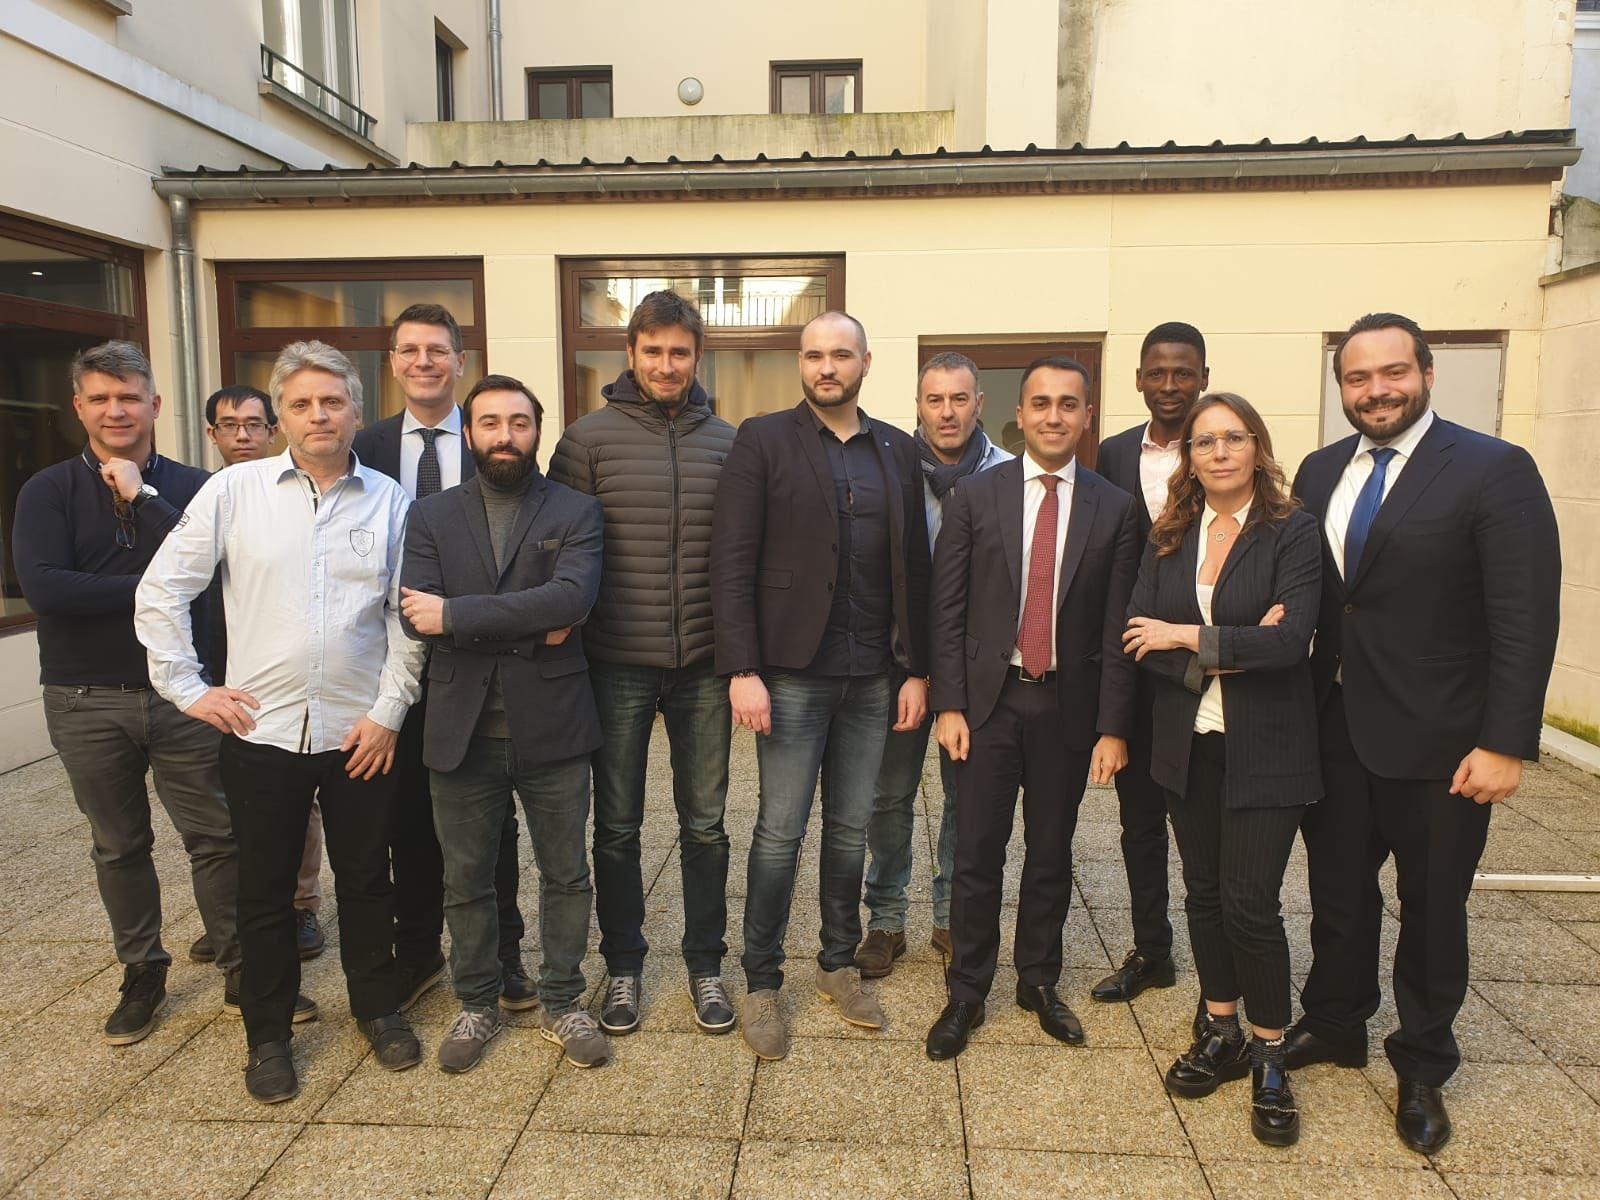 Luigi Di Maio a rencontré des Gilets jaunes en France le 5 février - Crédits : Luigi Di Maio / Twitter